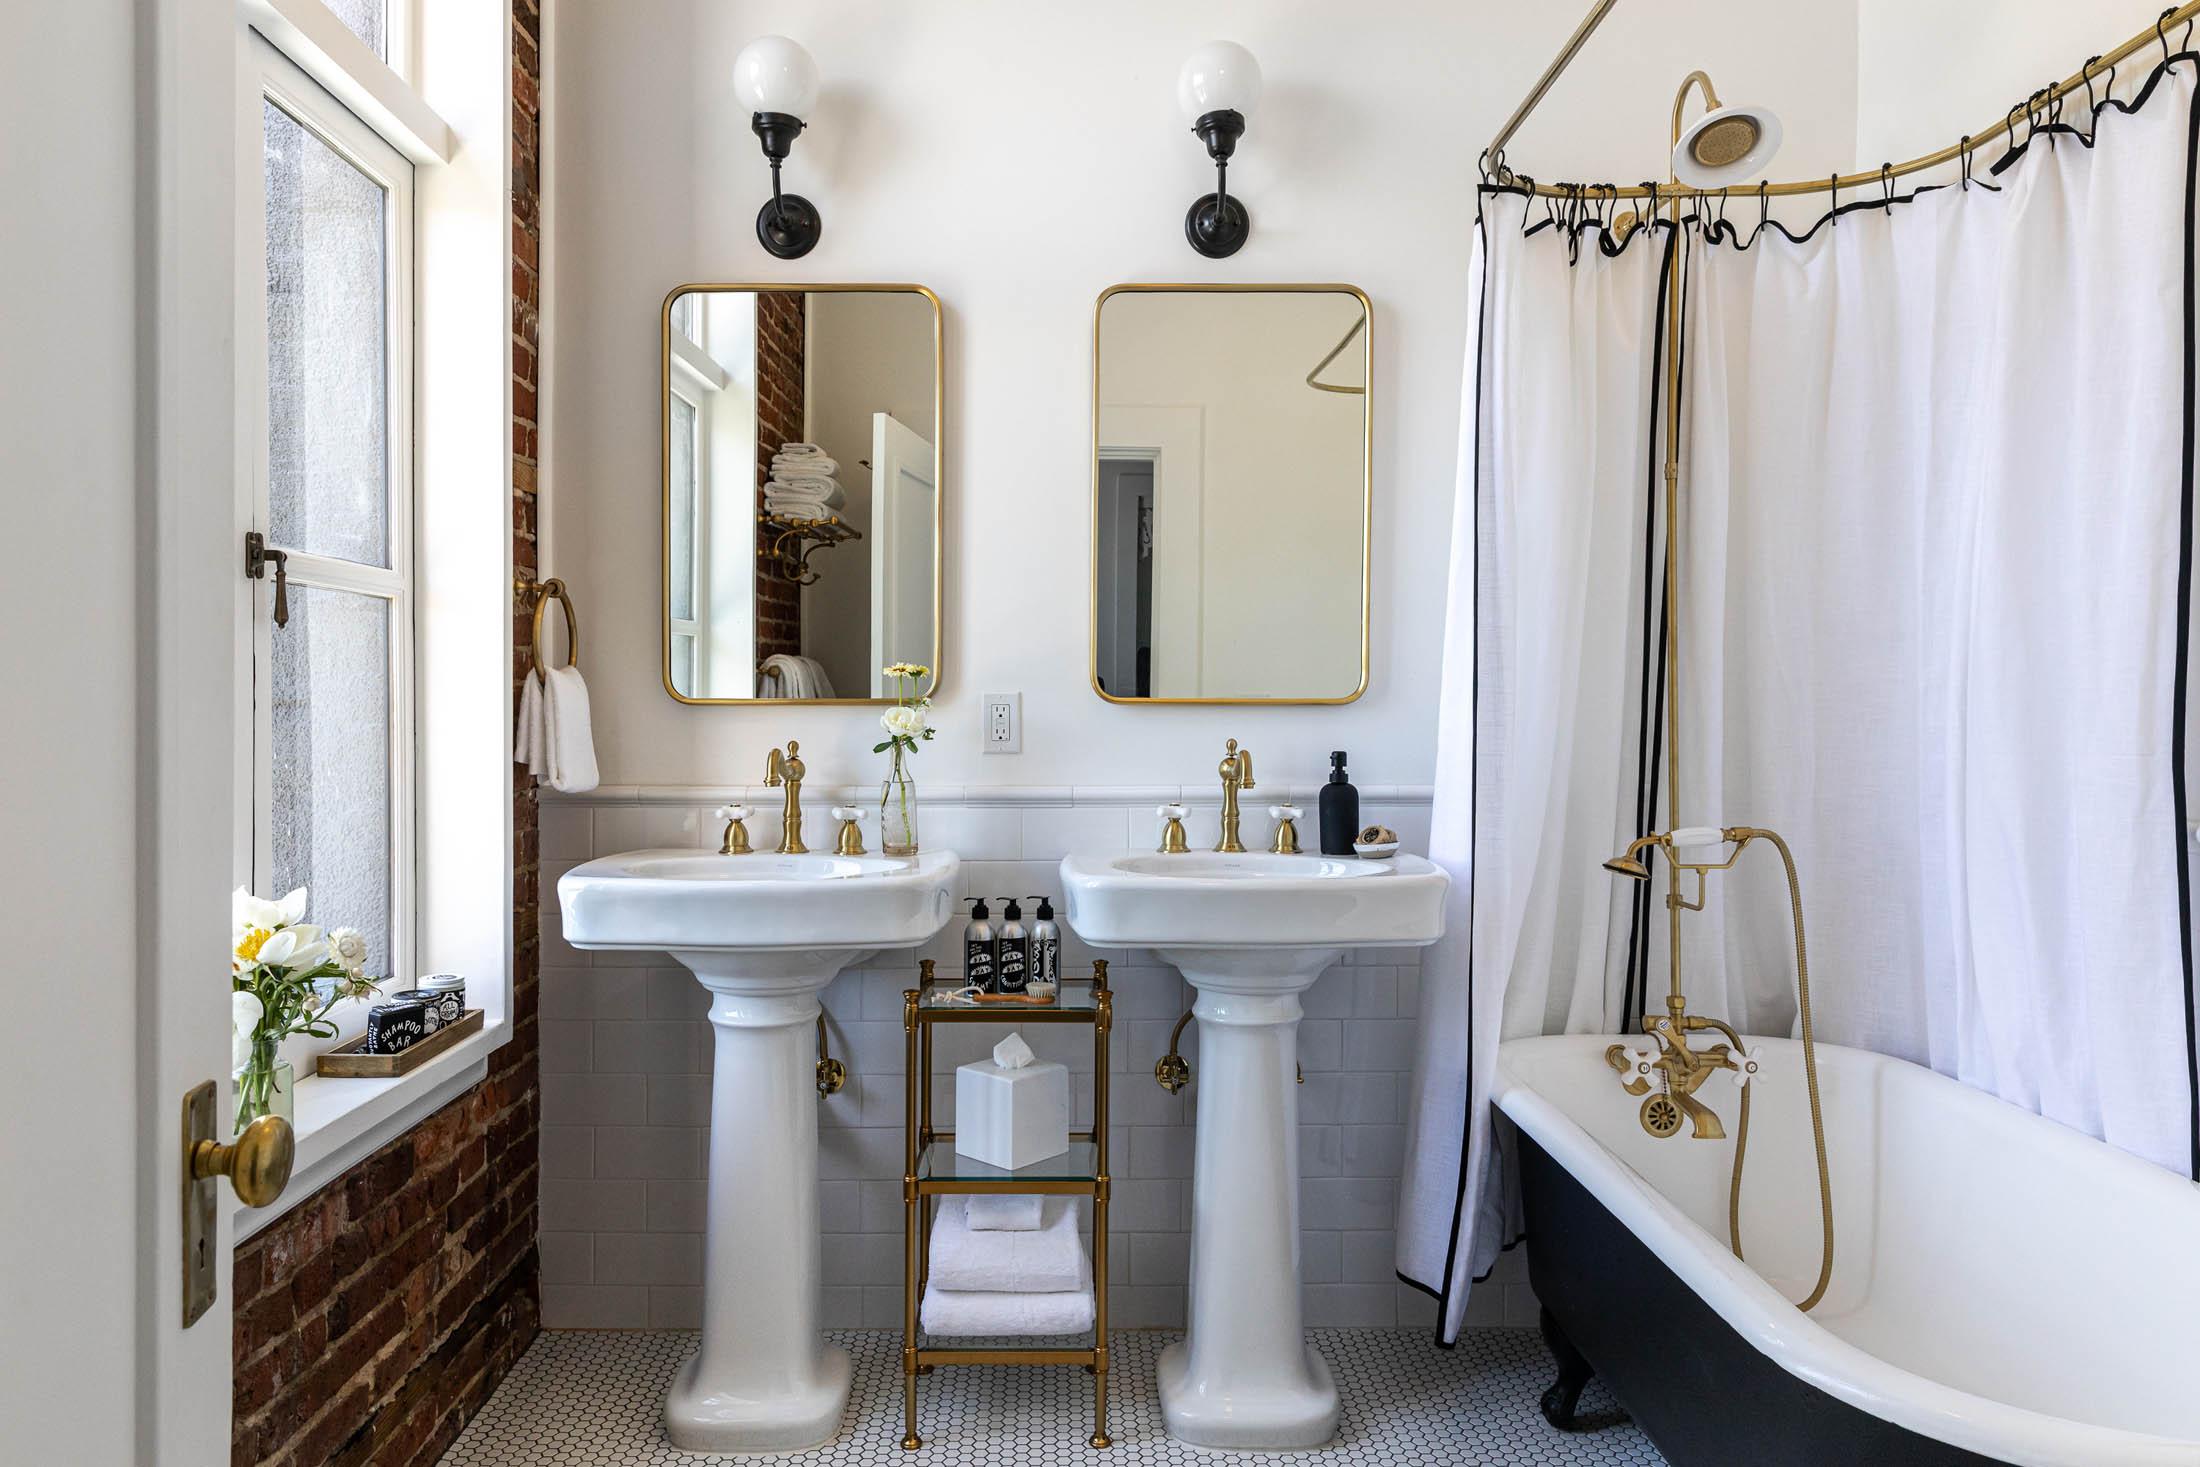 Holbrooke Hotel King Suite Bathroom